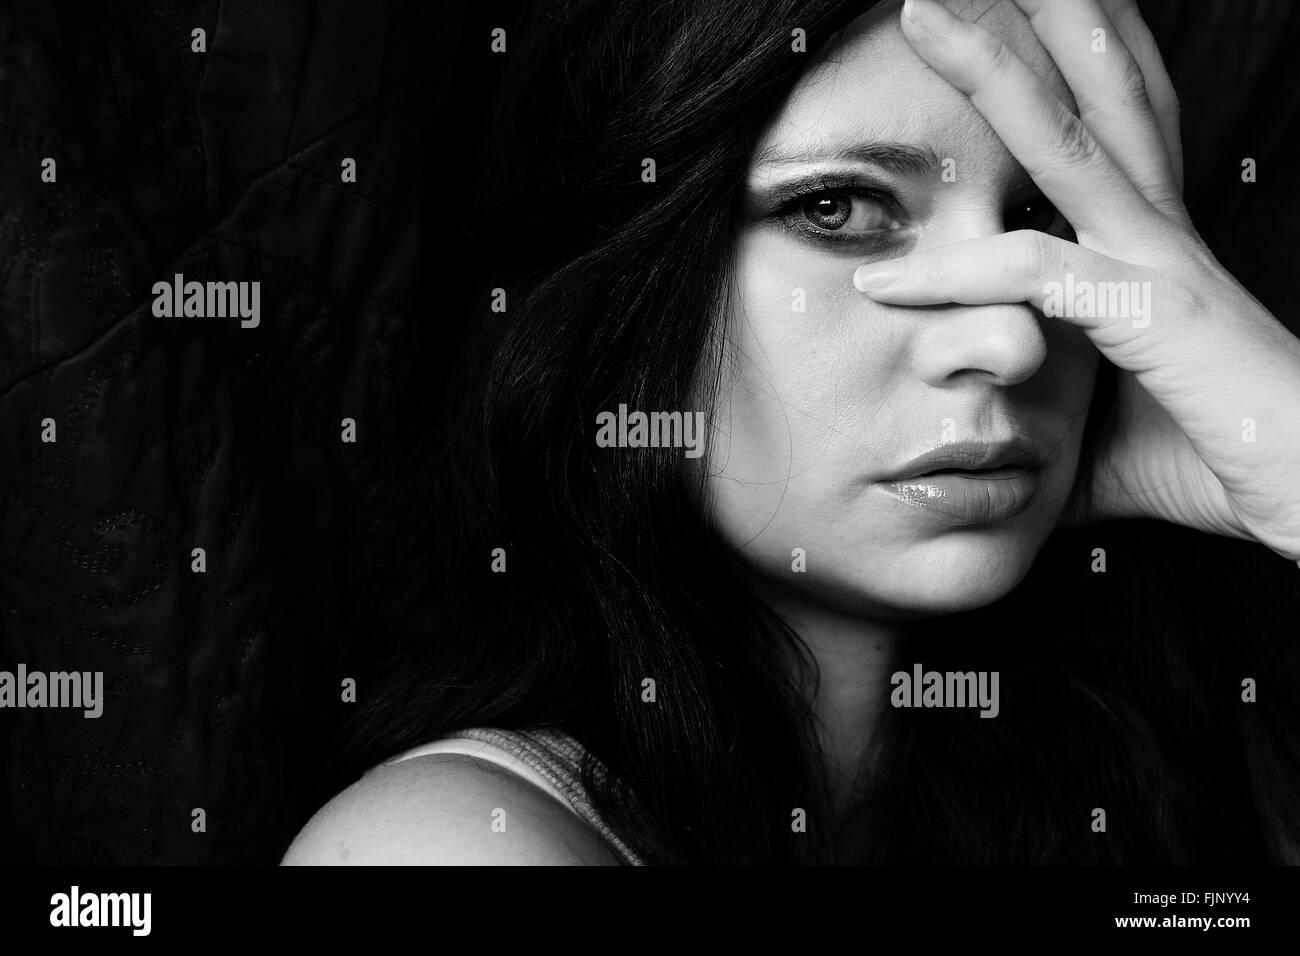 En primer plano reflexivo retrato de mujer joven con la mano en la cara contra el fondo negro Foto de stock